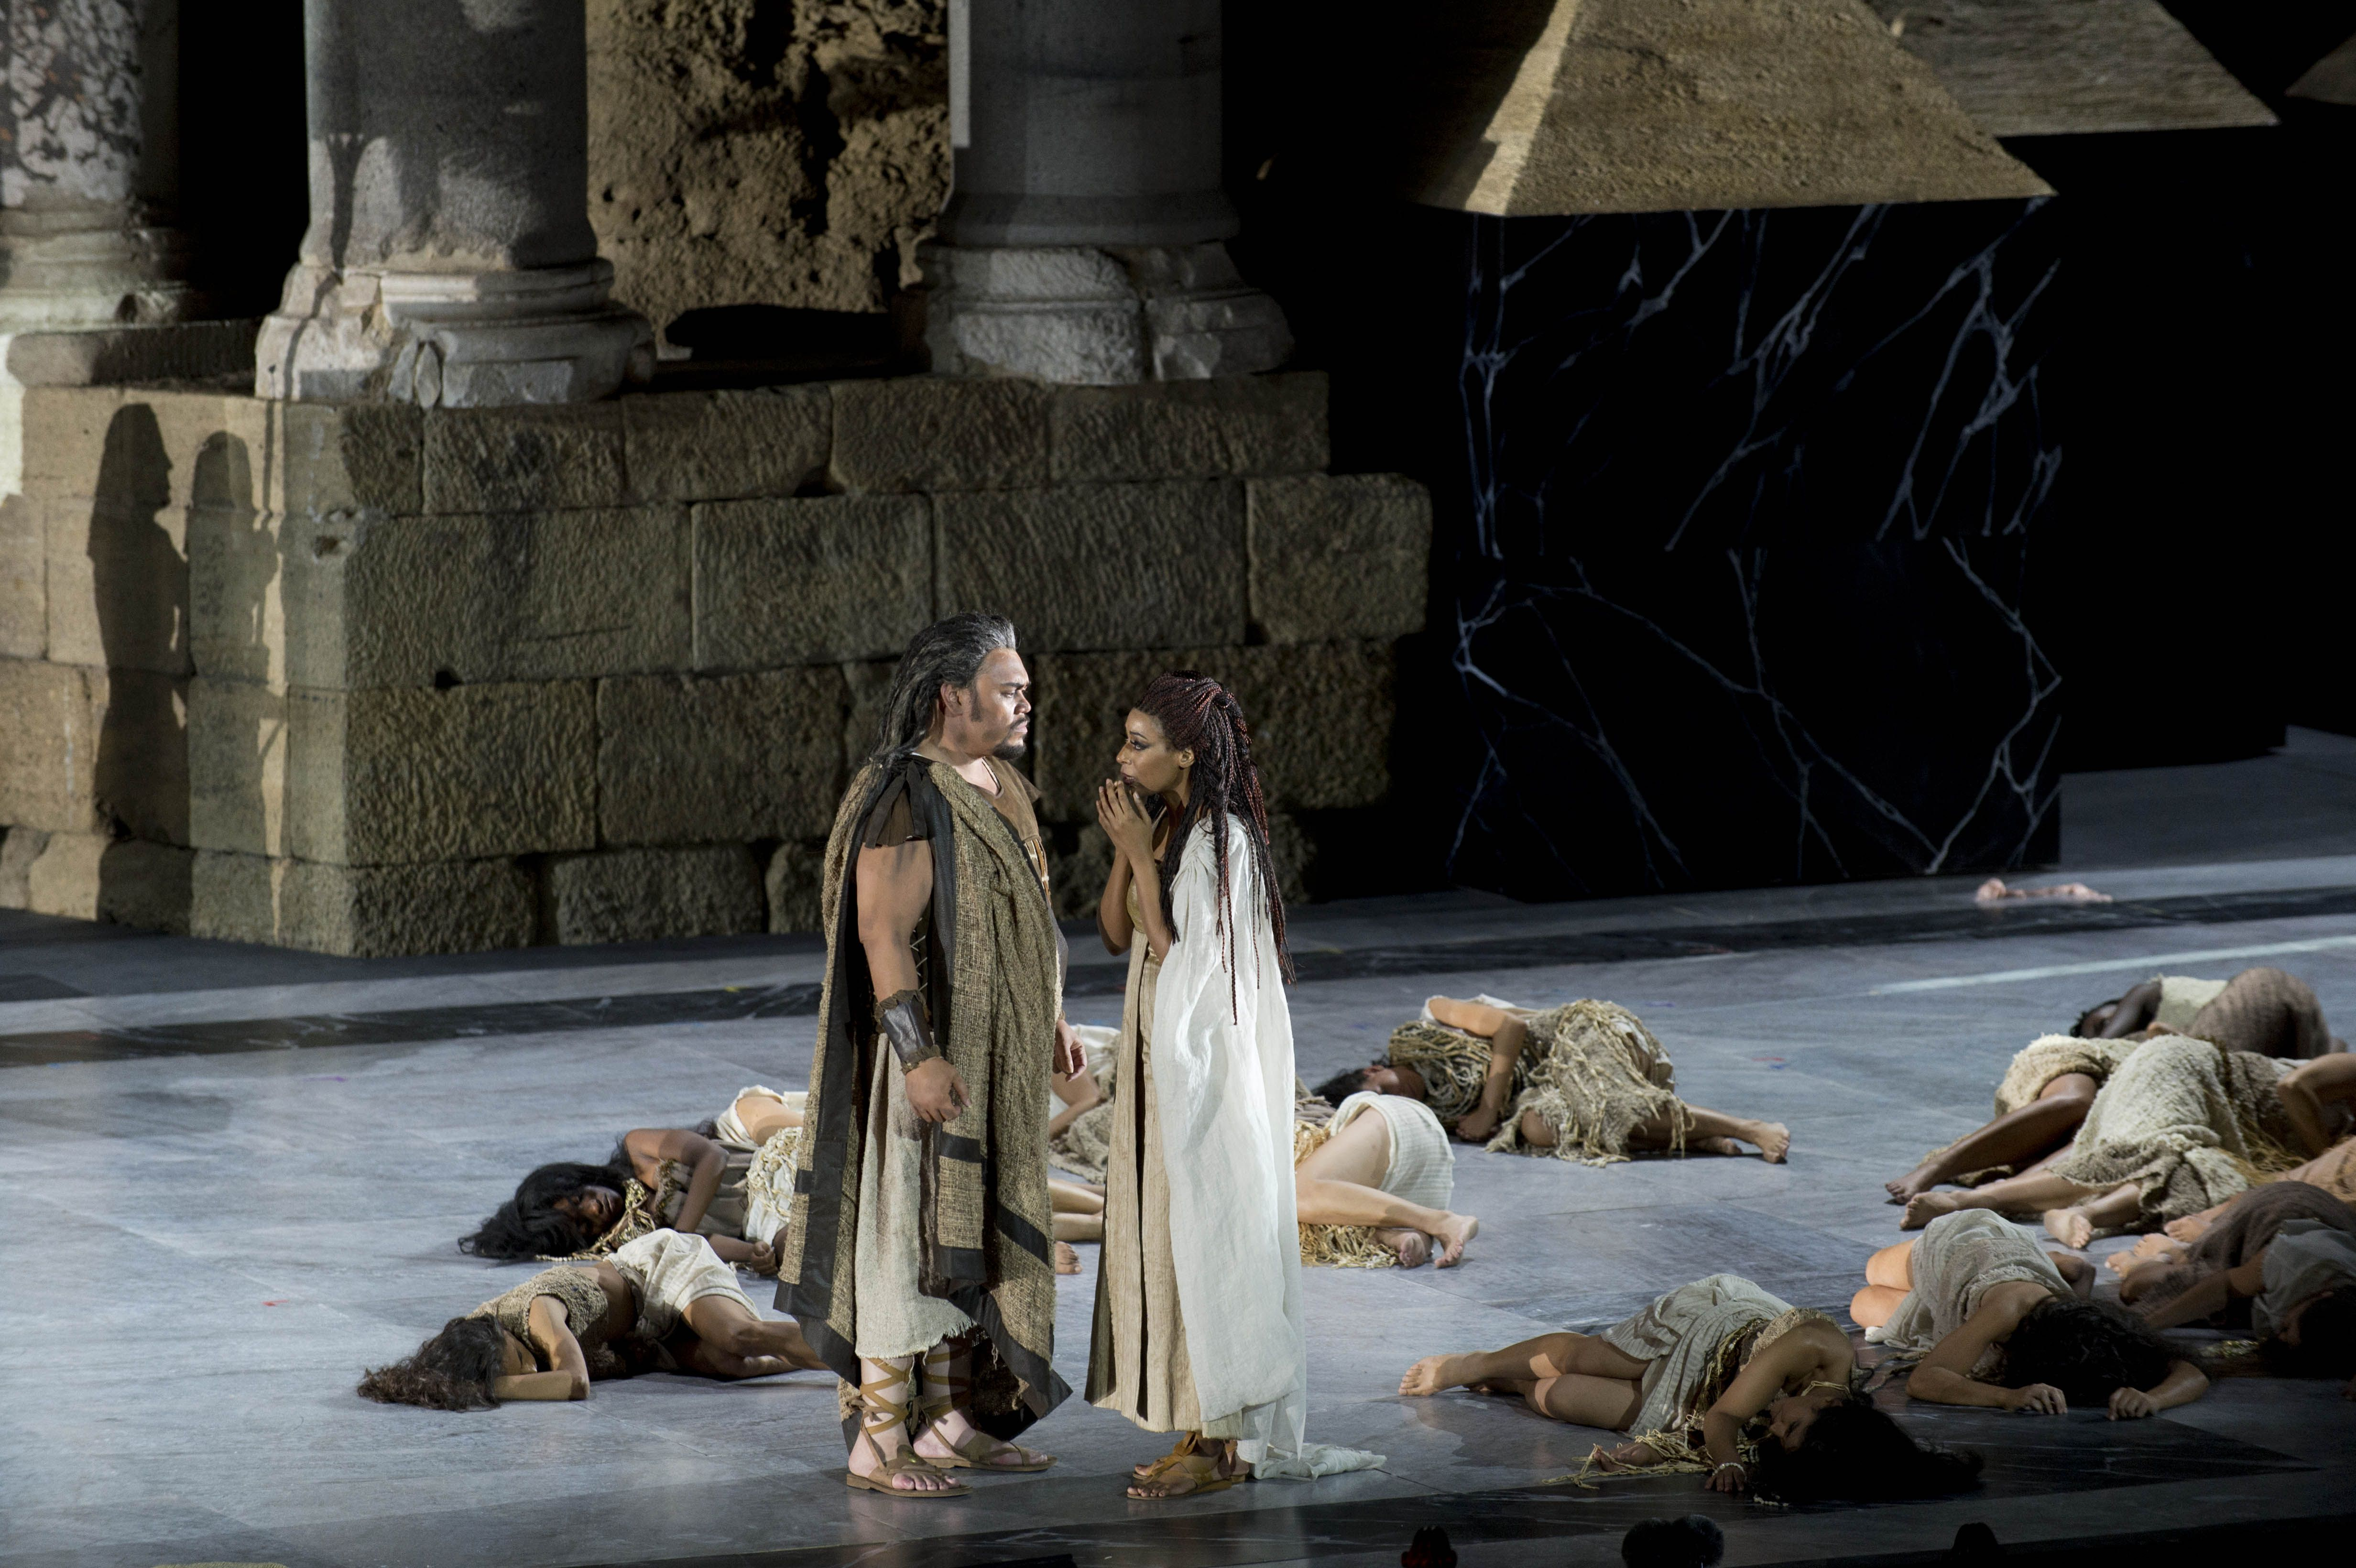 劇場中的衣索匹亞公主阿伊達和其父王。